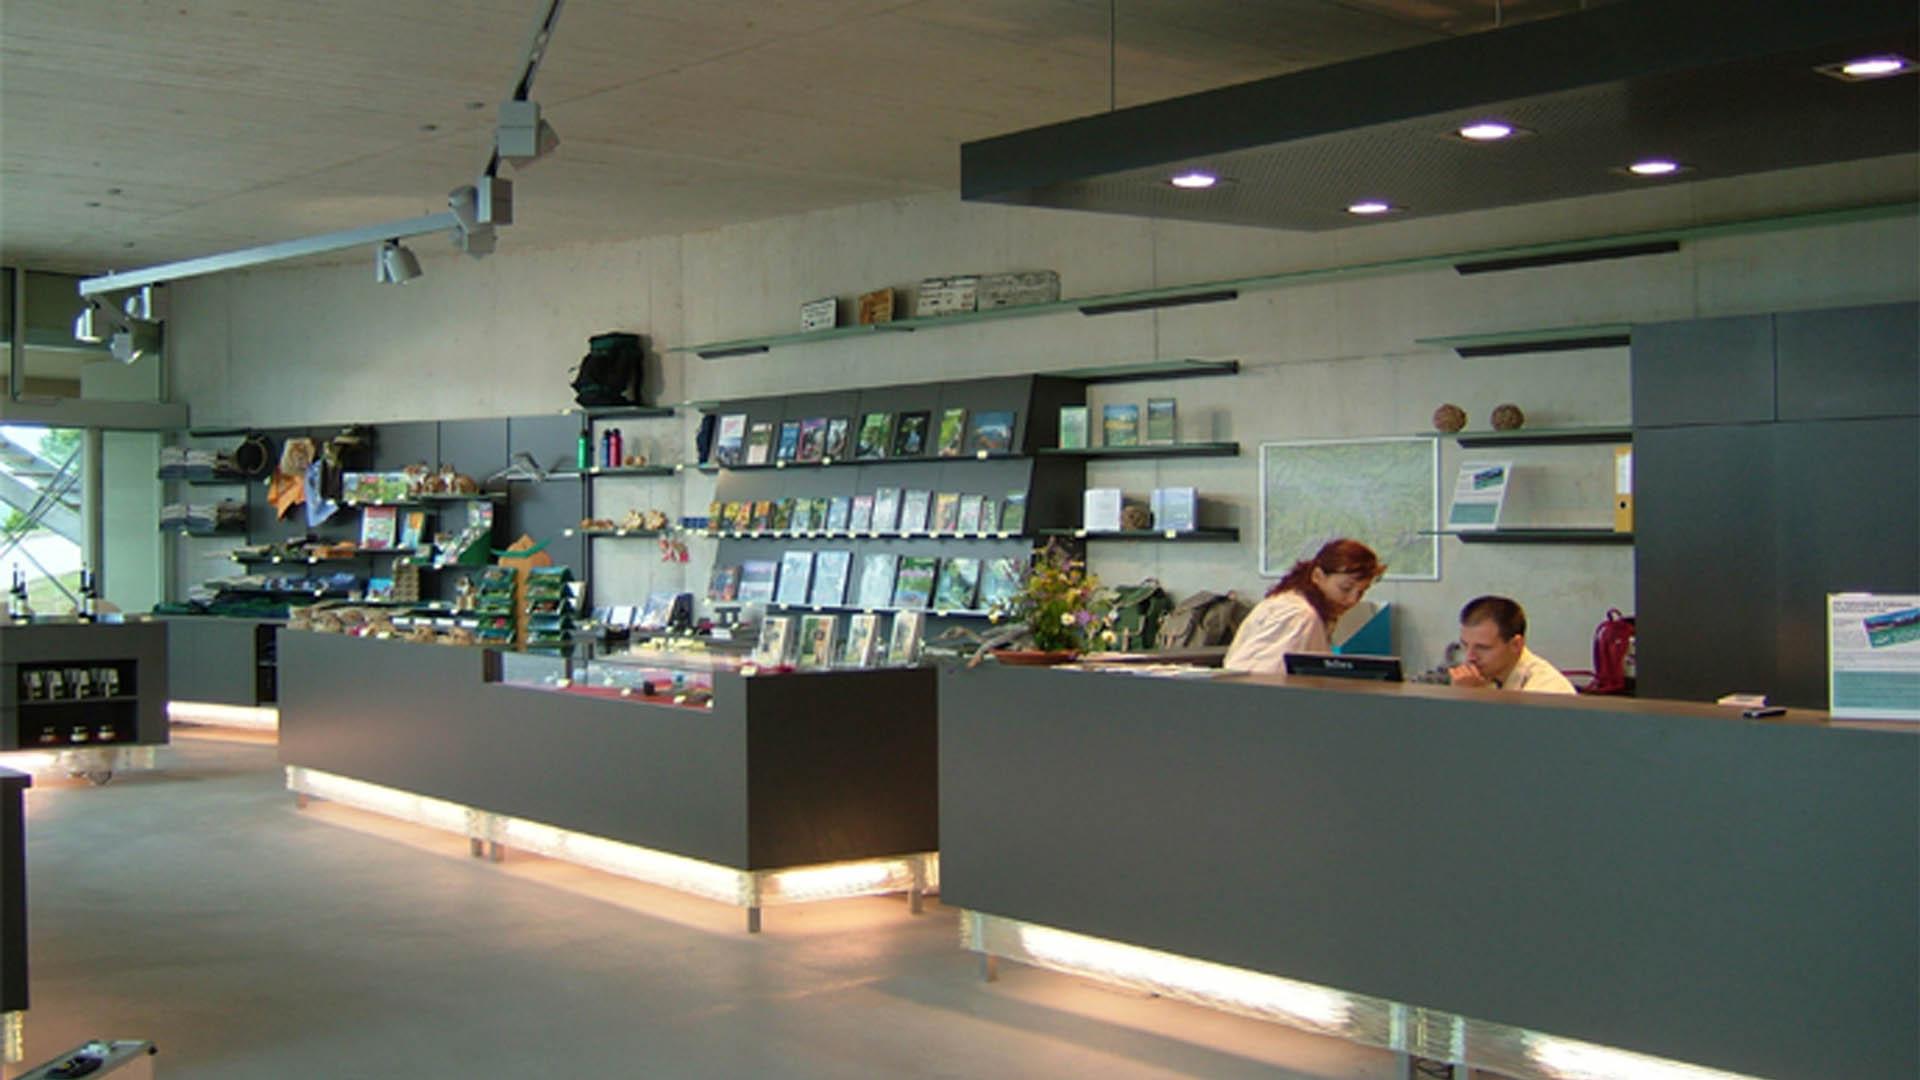 Shop-Wurbauerkogel-Windischgarsten_02